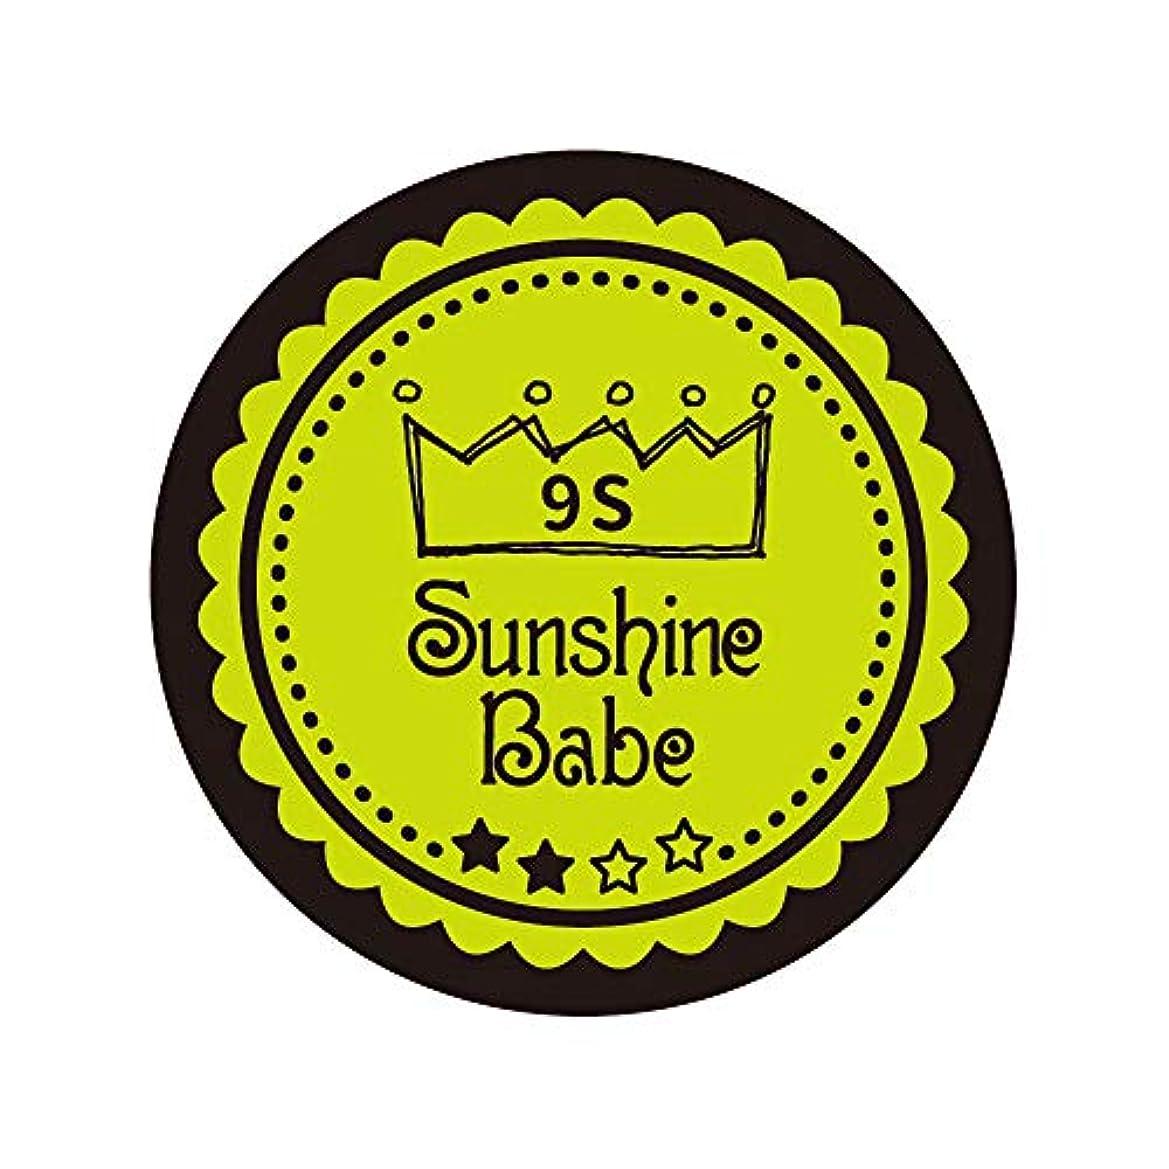 固有のシーボード知り合いになるSunshine Babe カラージェル 9S ライムパンチ 2.7g UV/LED対応